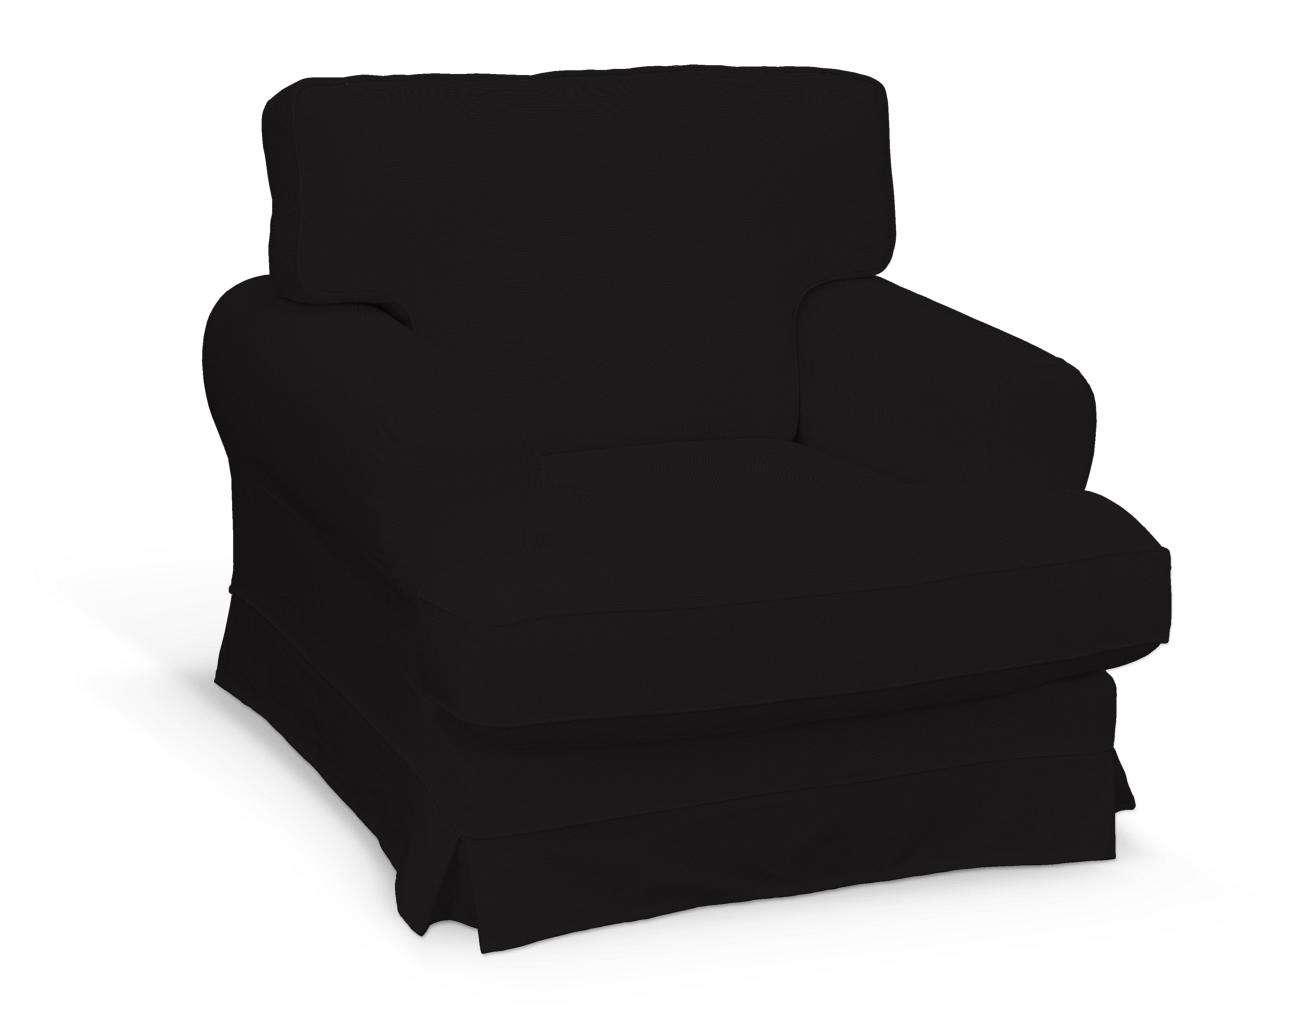 Pokrowiec na fotel Ekeskog Fotel Ekeskog w kolekcji Cotton Panama, tkanina: 702-09